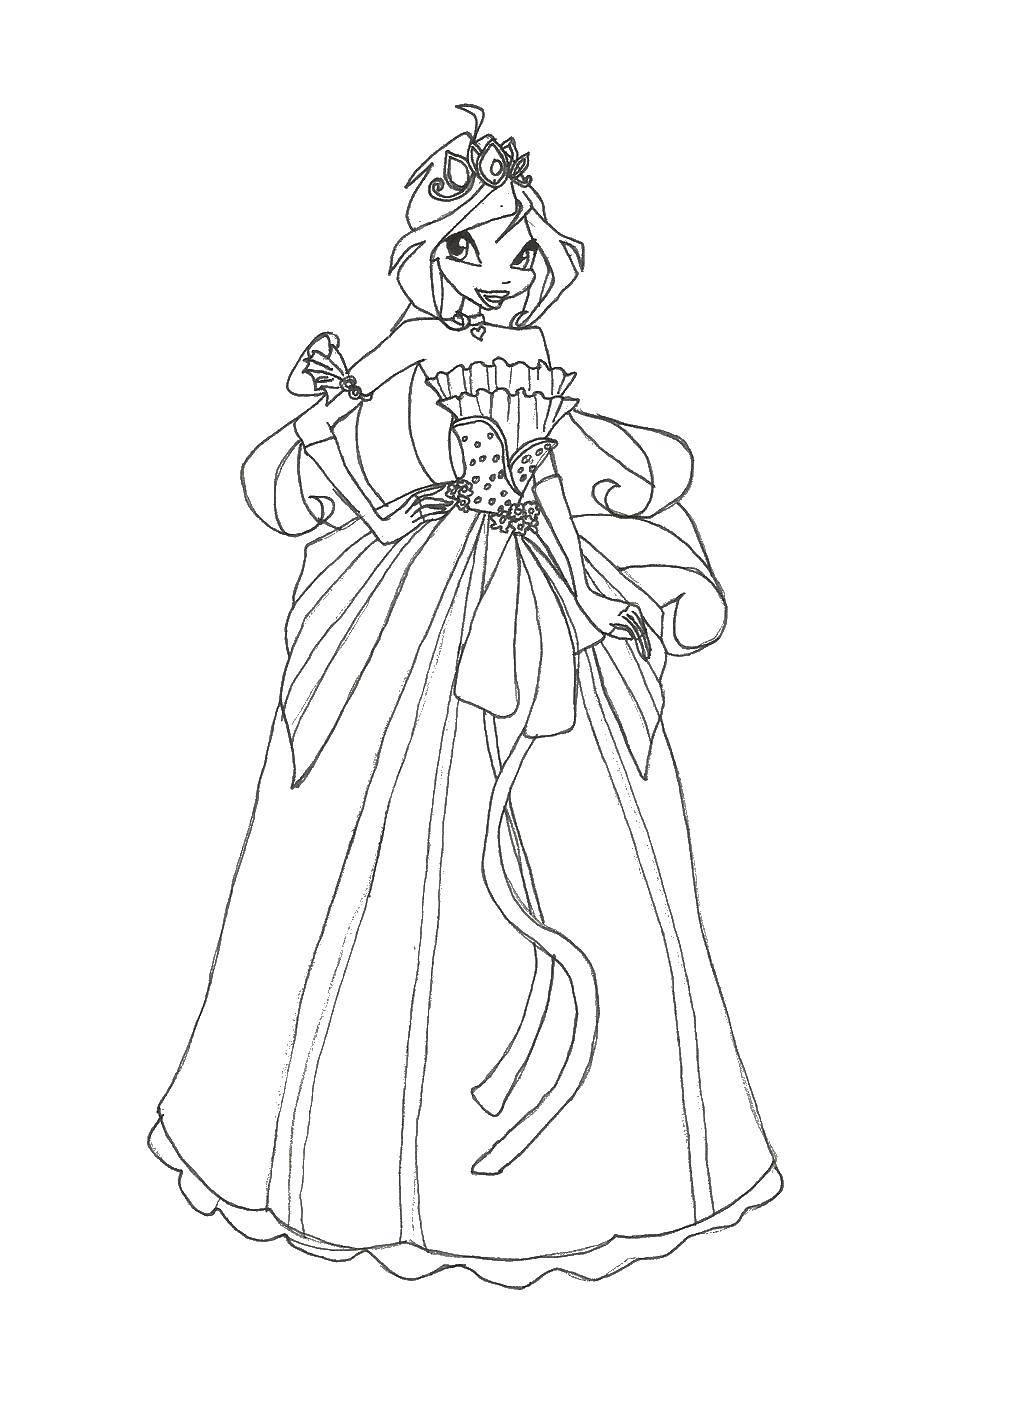 Раскраска Фея в бальном платье Скачать винкс клуб, феи, винкс.  Распечатать ,Винкс клуб,